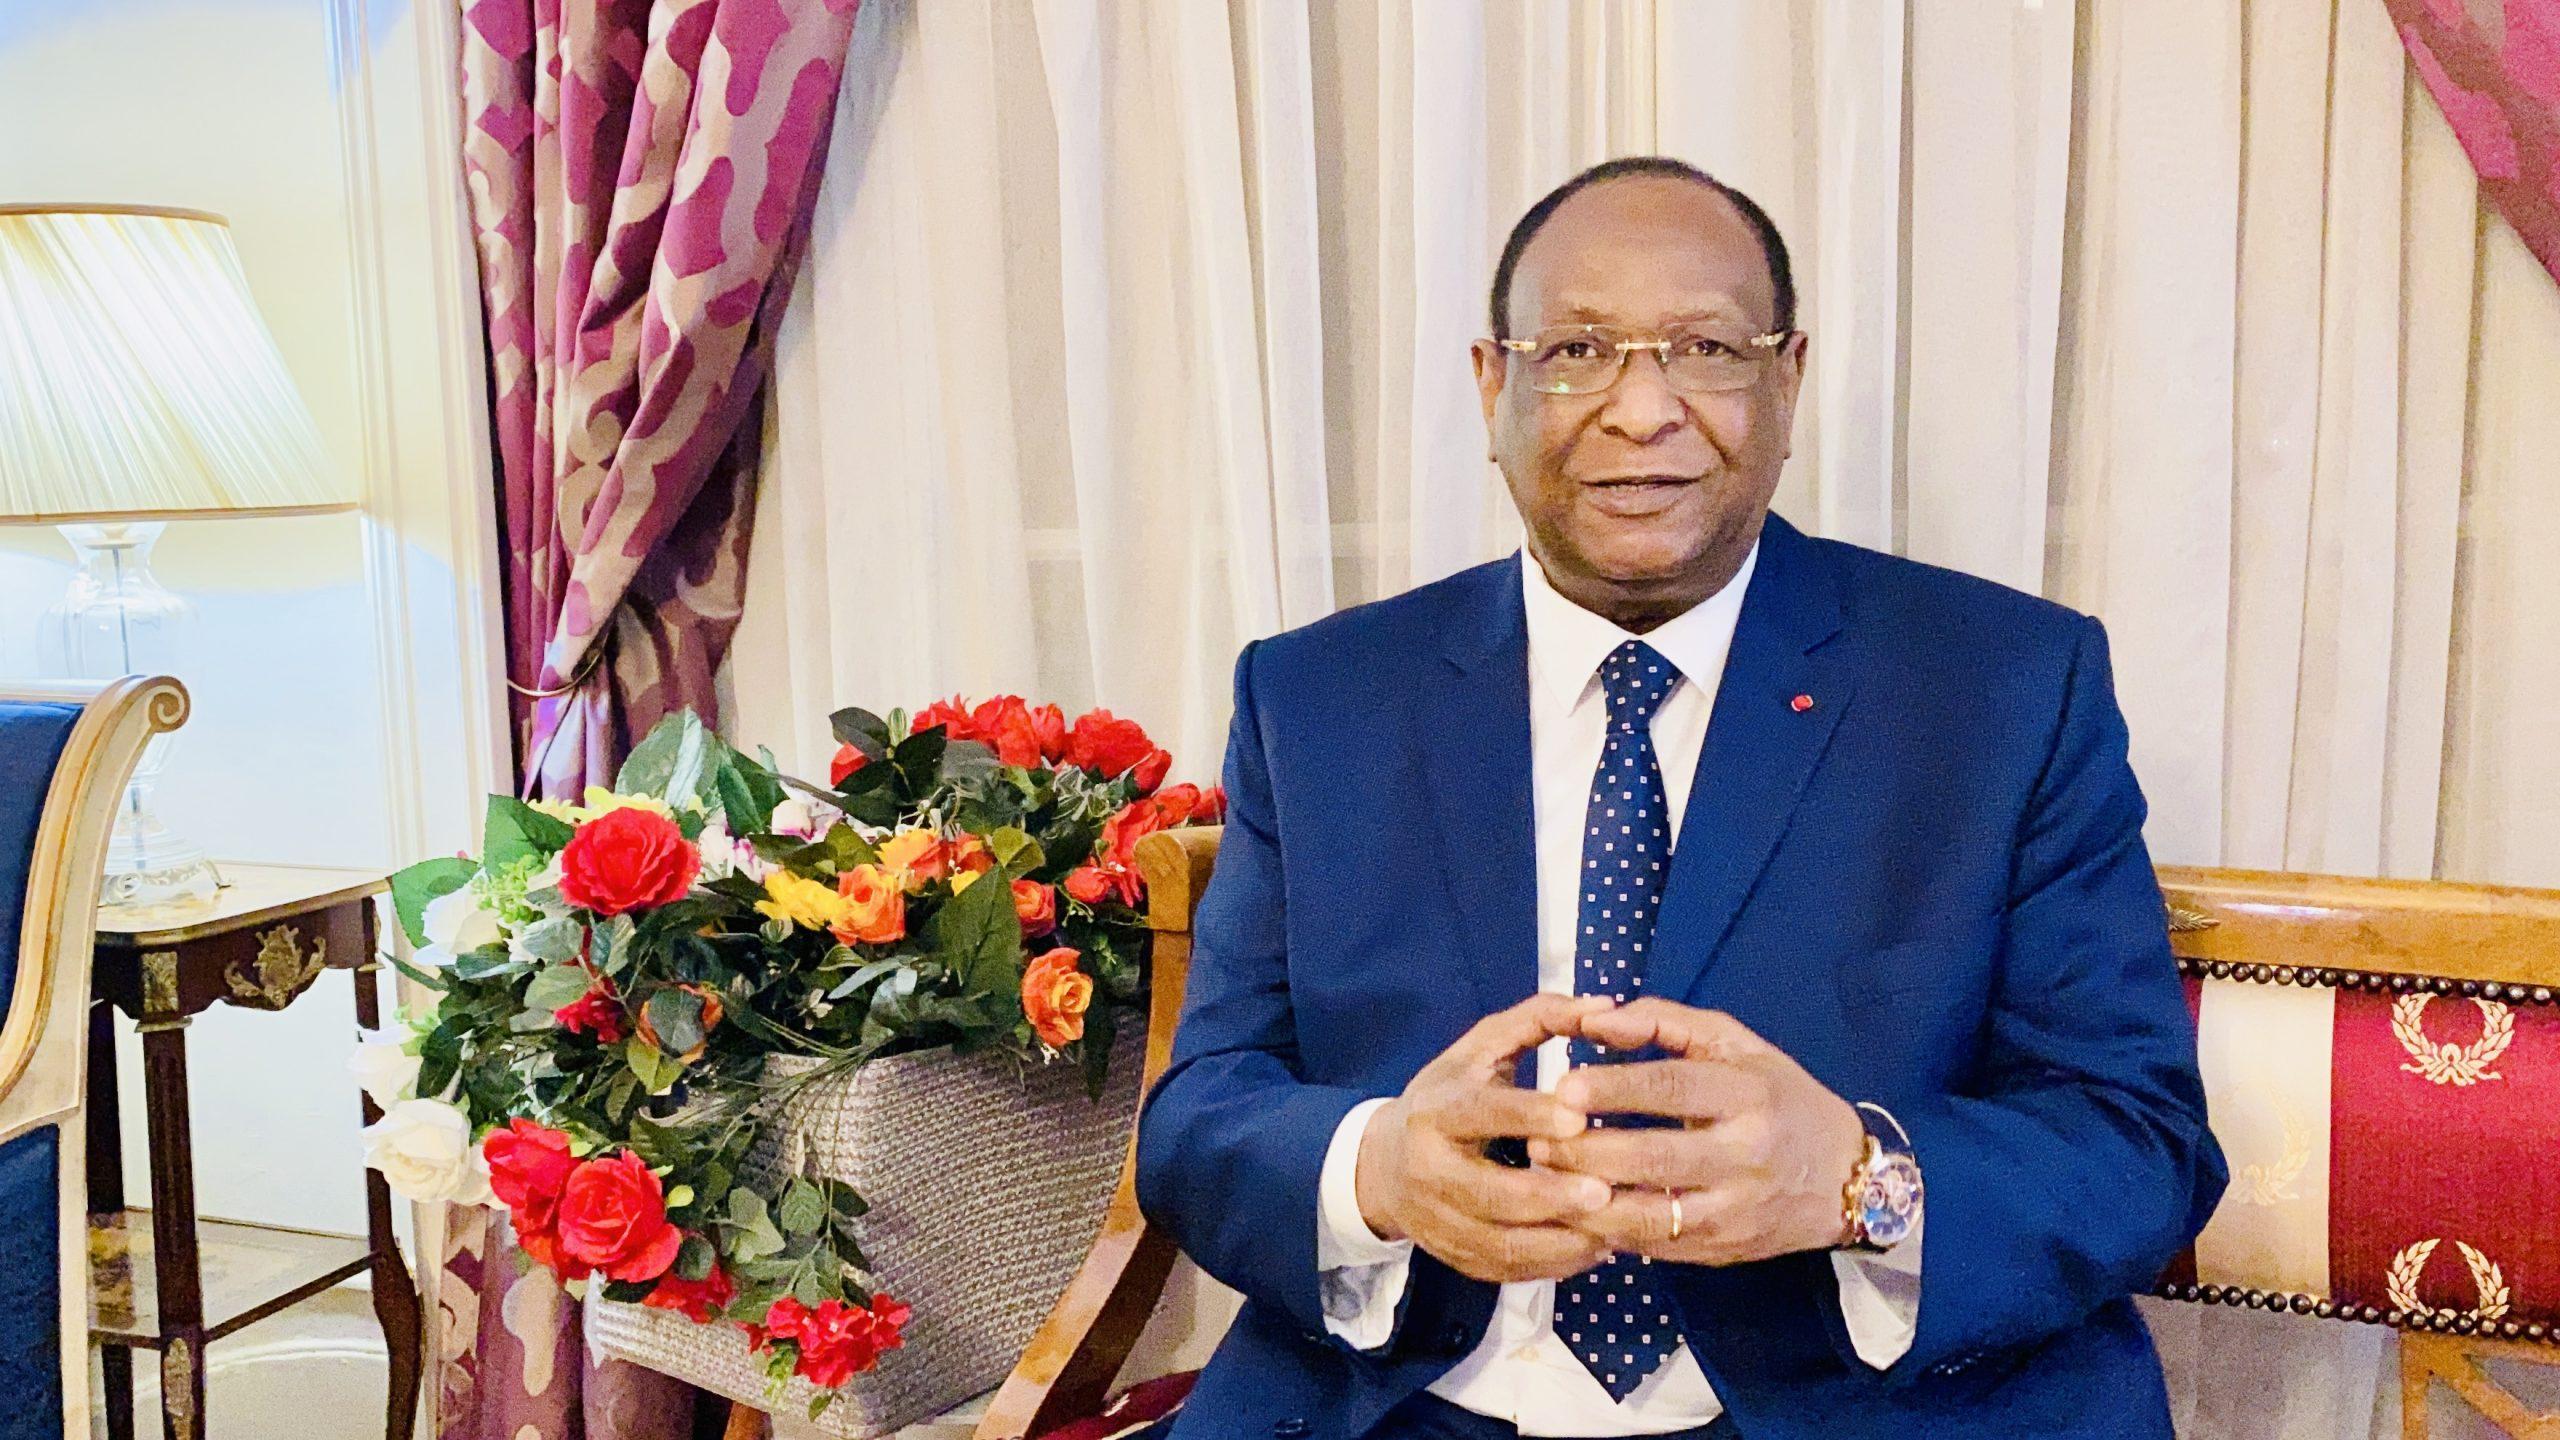 Lansana Kouyaté aux guinéens: « célébrez cette Aïd Al-Adha dans la paix et  dans la sécurité ». – PE.D.N